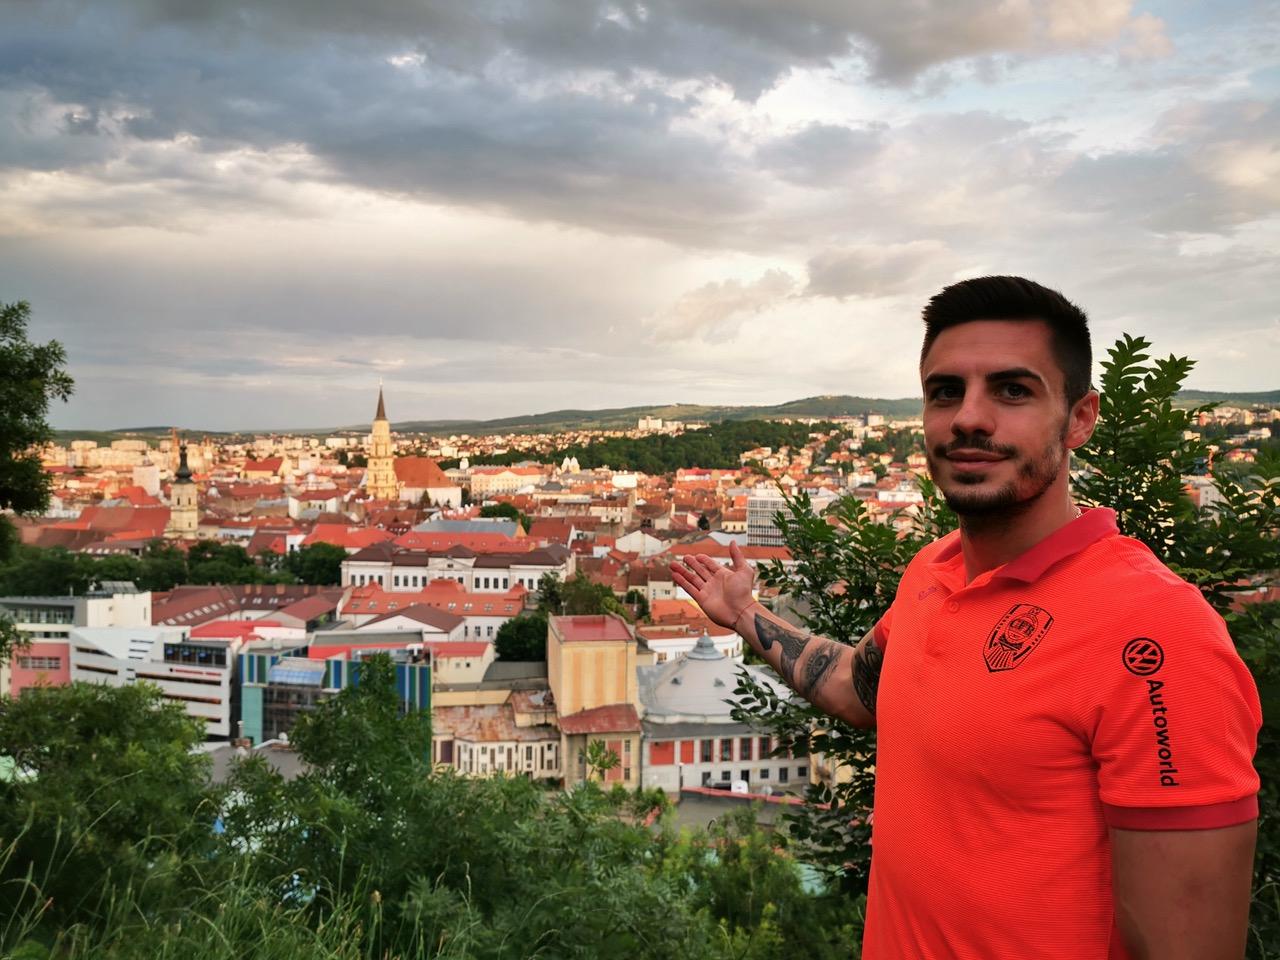 """Andrei Burcă, noul fundaș al CFR-ului: """"Am visat de mic să joc în Liga Campionilor"""""""